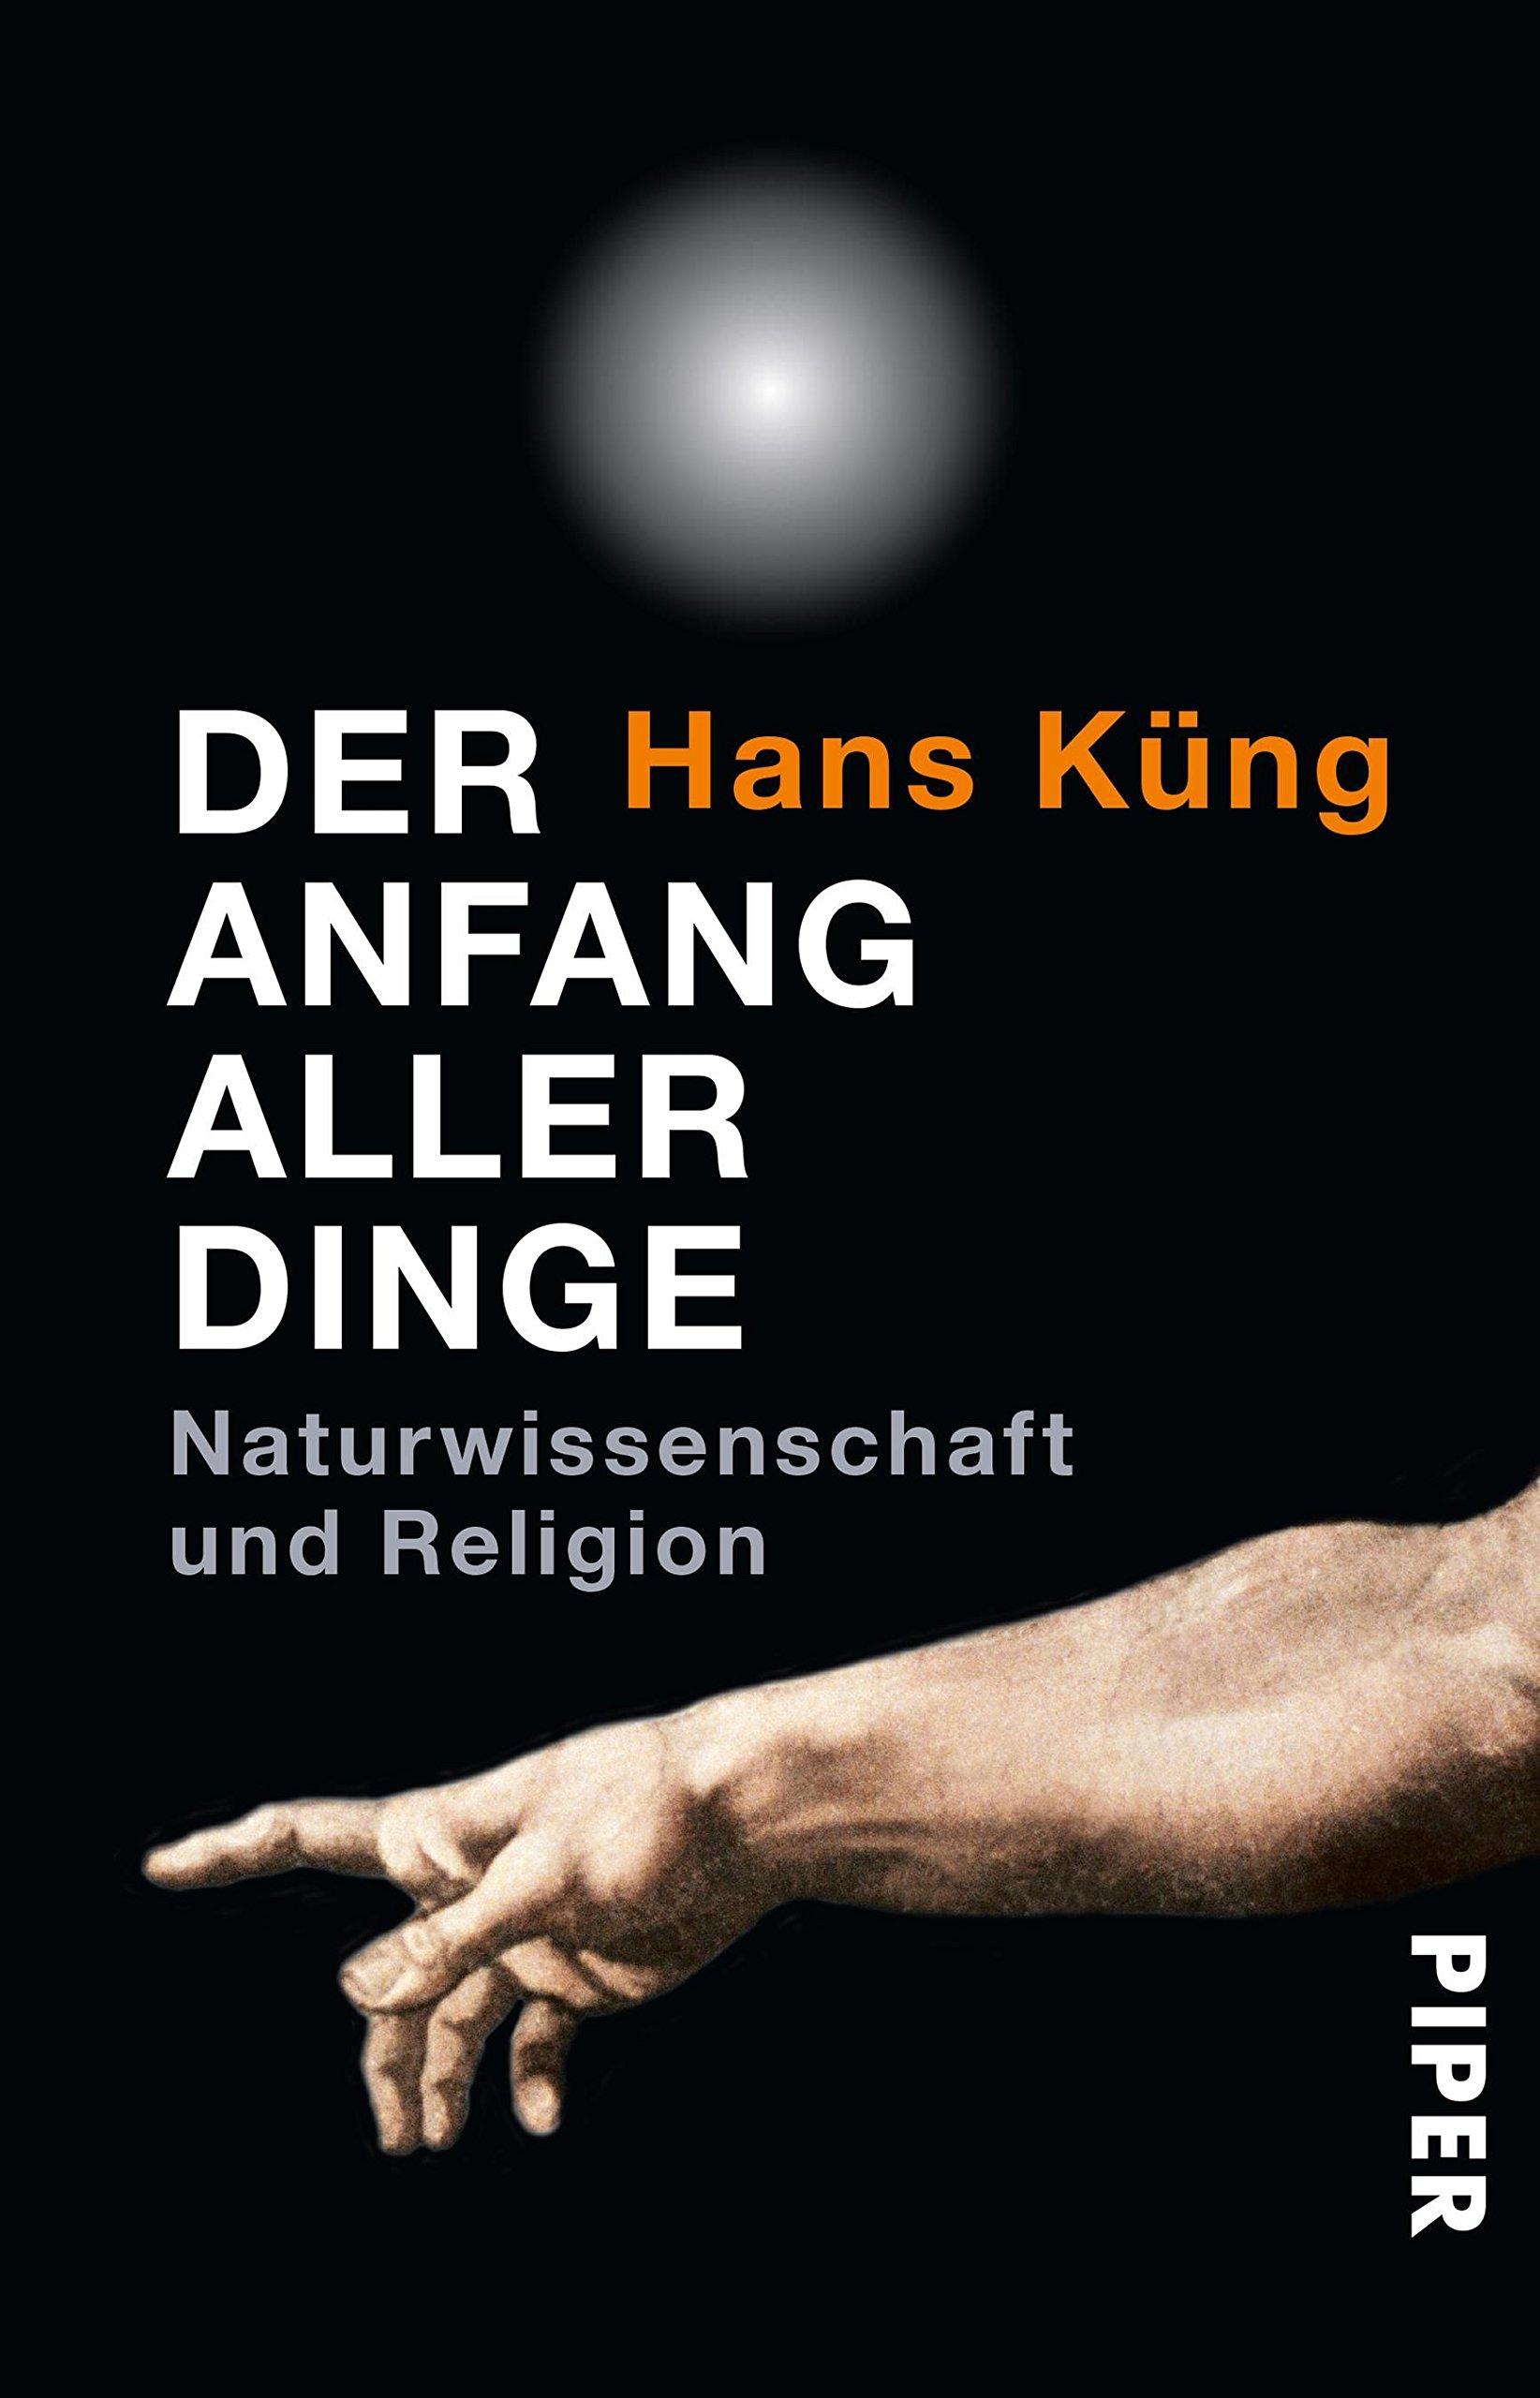 Der Anfang aller Dinge: Naturwissenschaft und Religion: Amazon.de ...